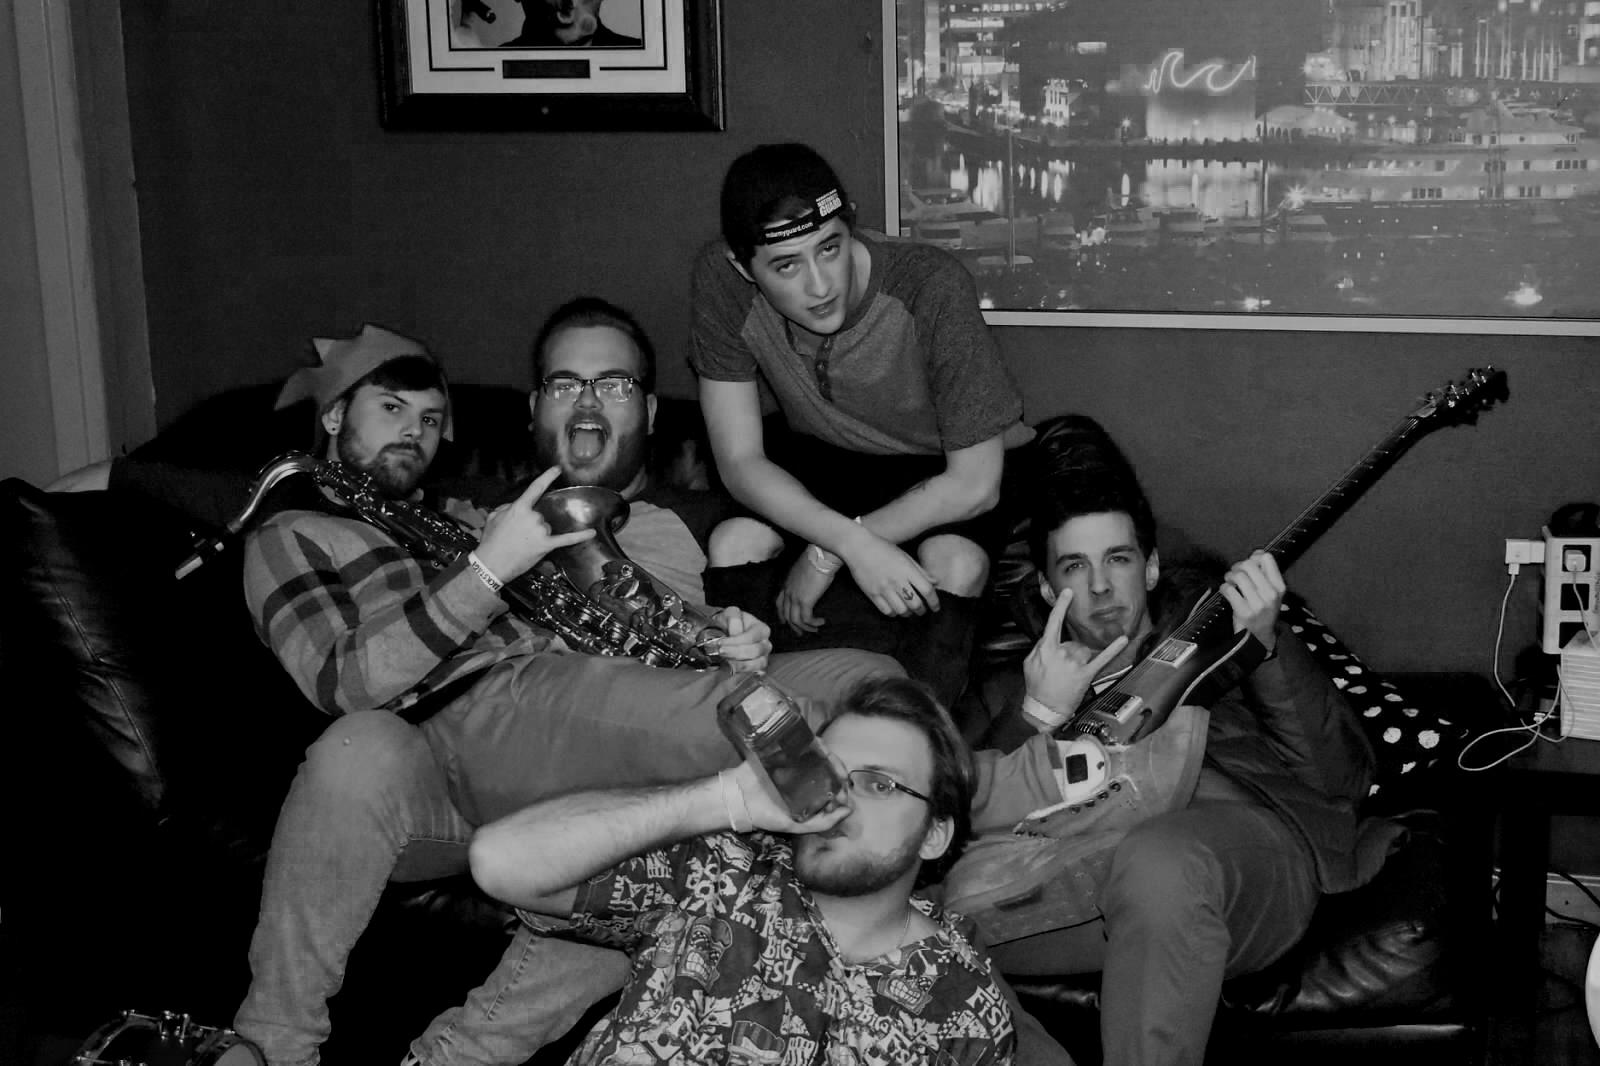 The Harbor Boys